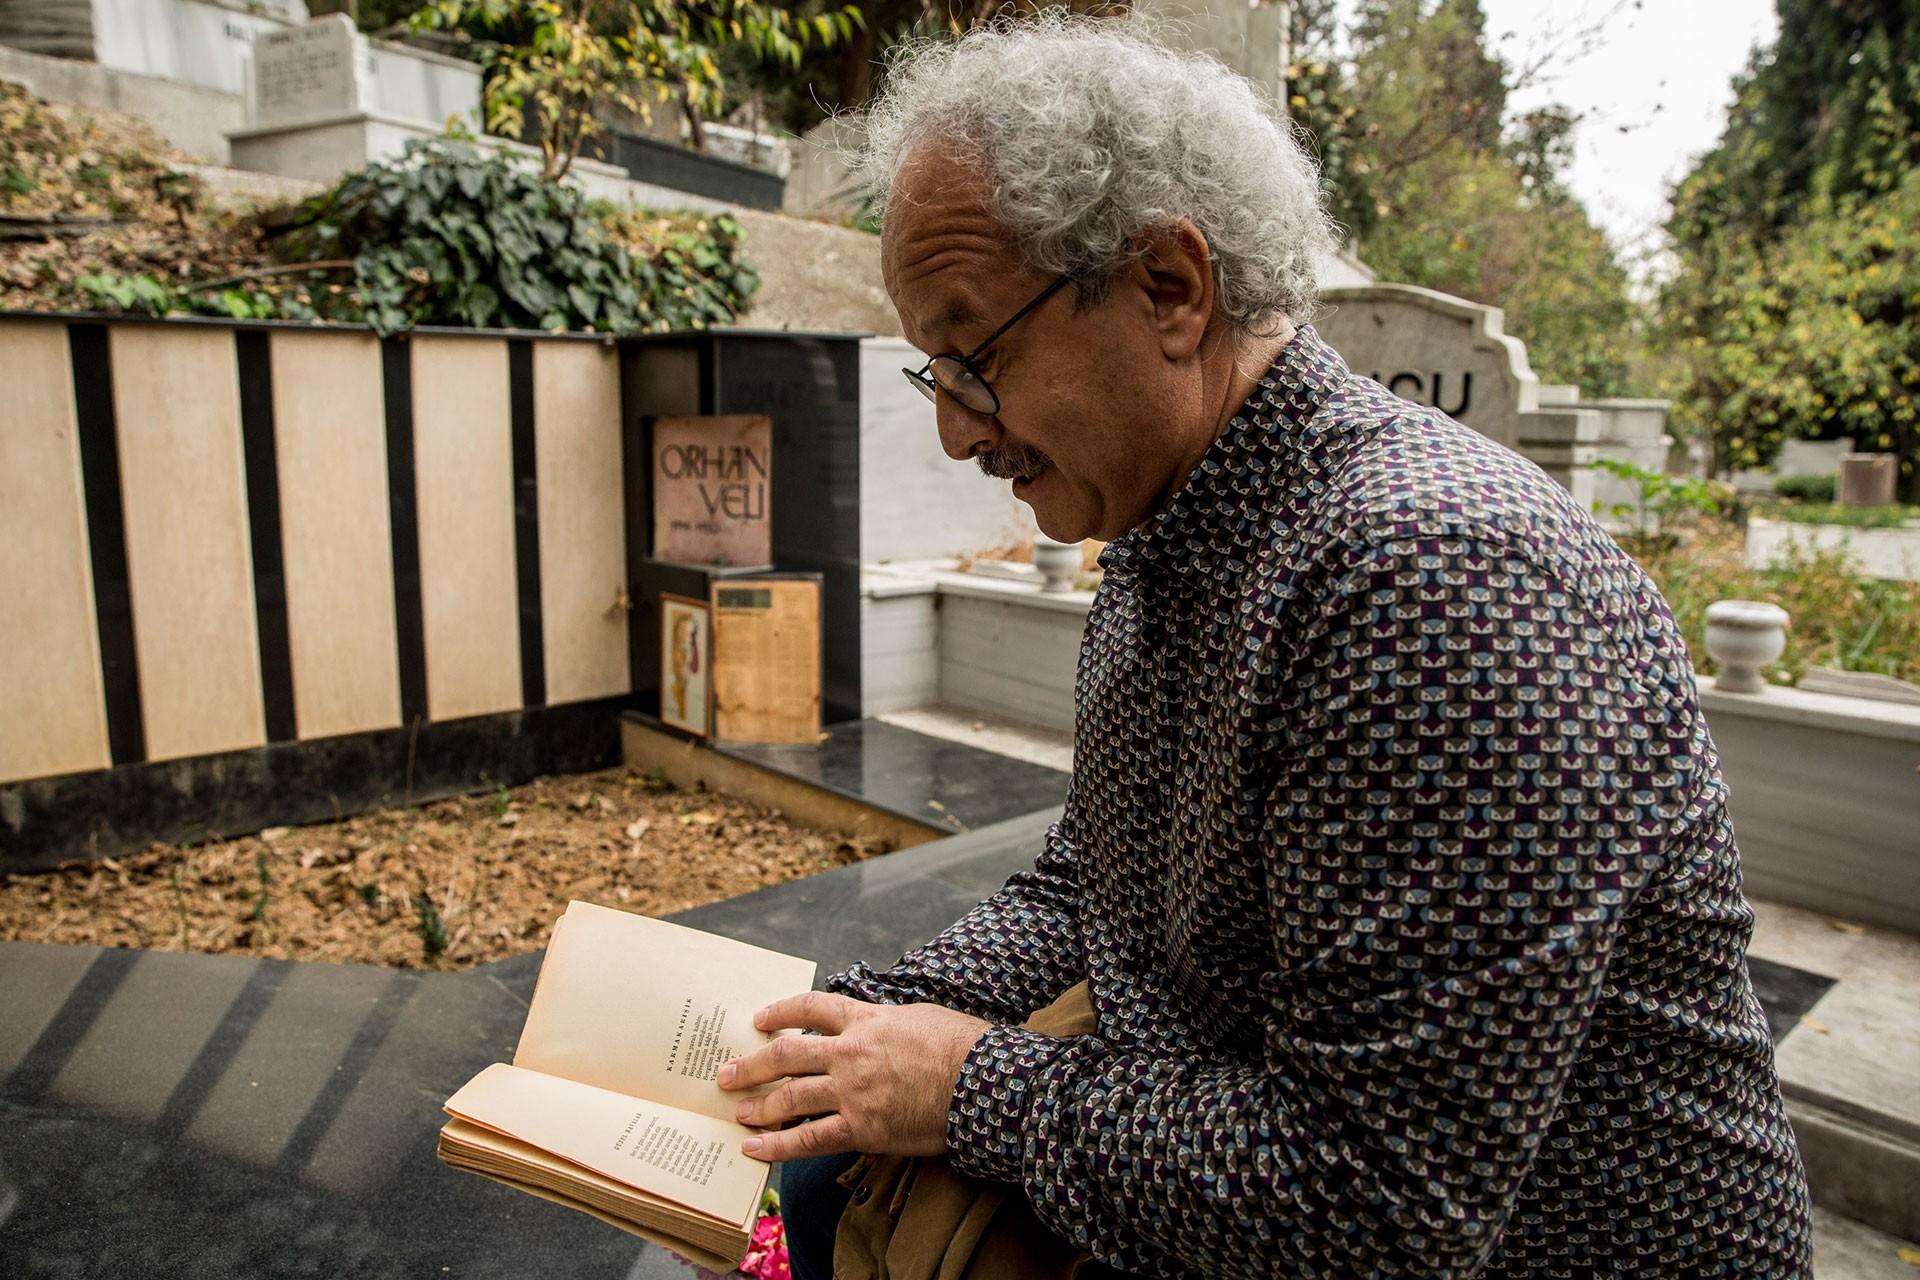 Şair Akgün Akova, Orhan Veli'nin mezarı başında şiir okuyor.